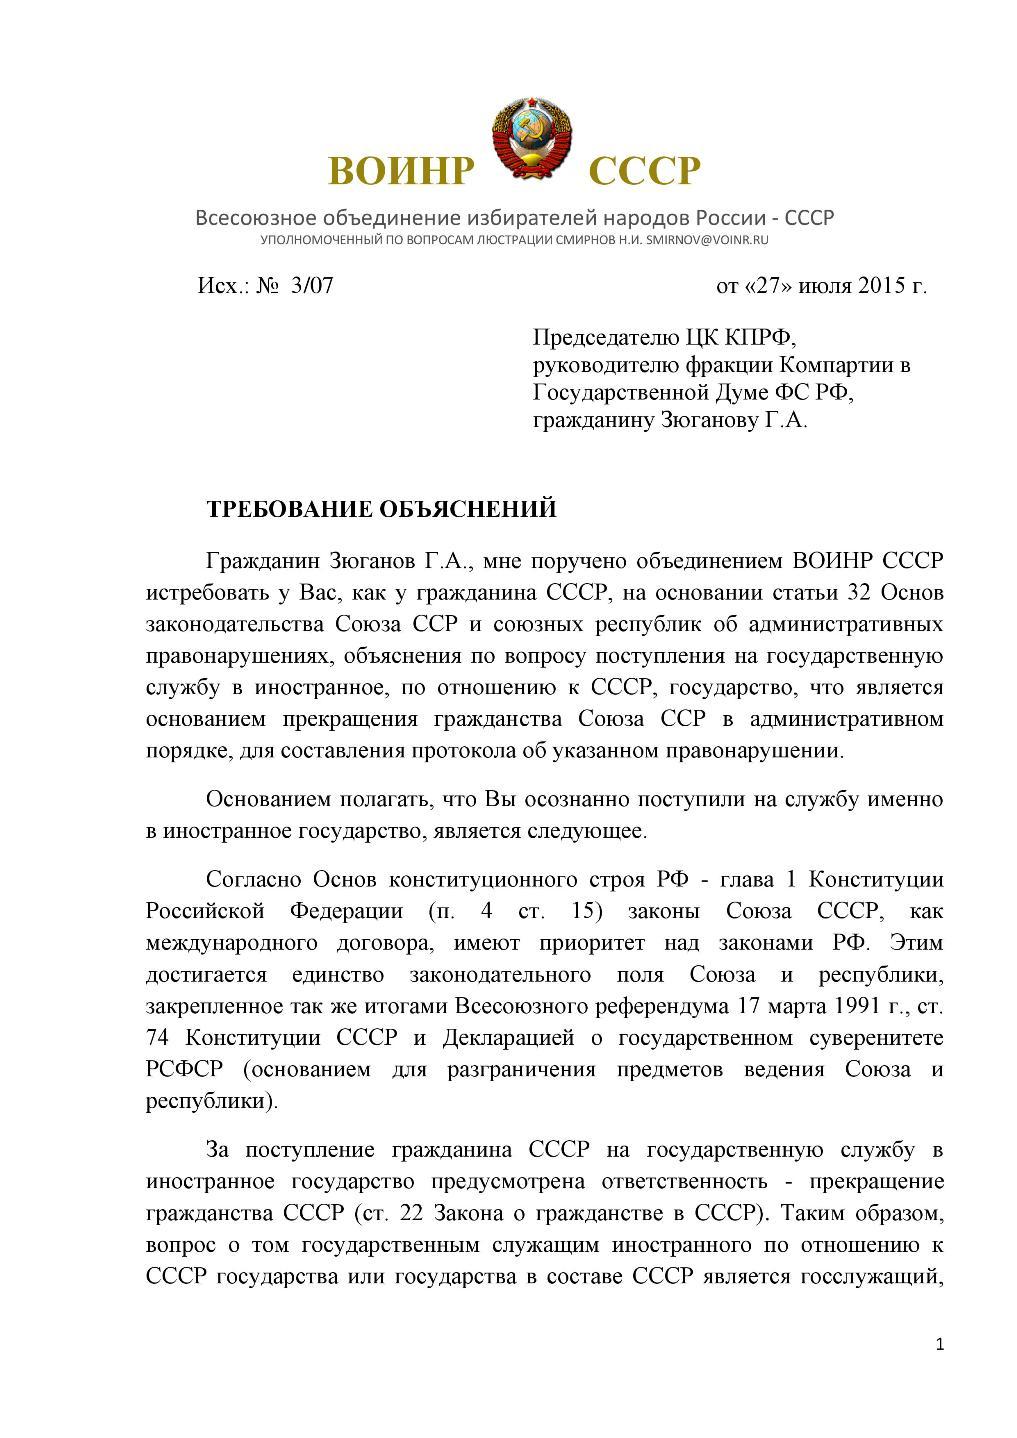 http://voinr.ru/voinr-ru/wp-content/uploads/2015/07/page11.jpg